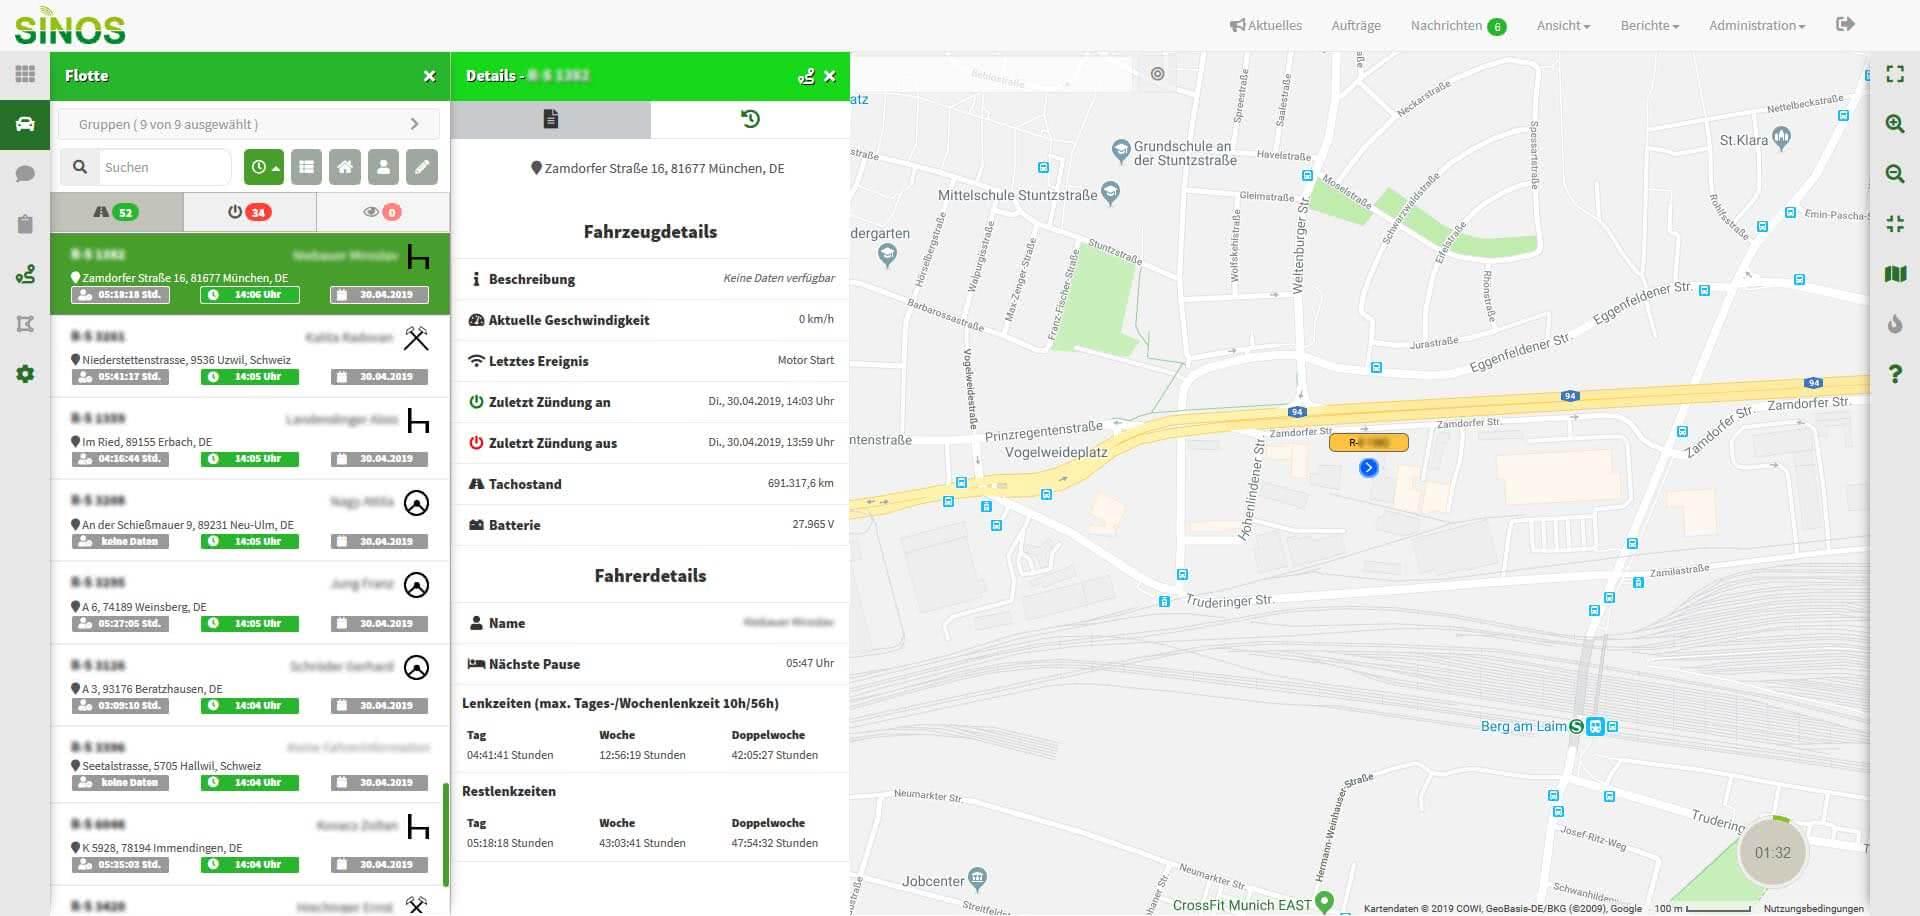 GPS Fahrzeugortung mit Sinos - Die Detailansicht der GPS Ortung